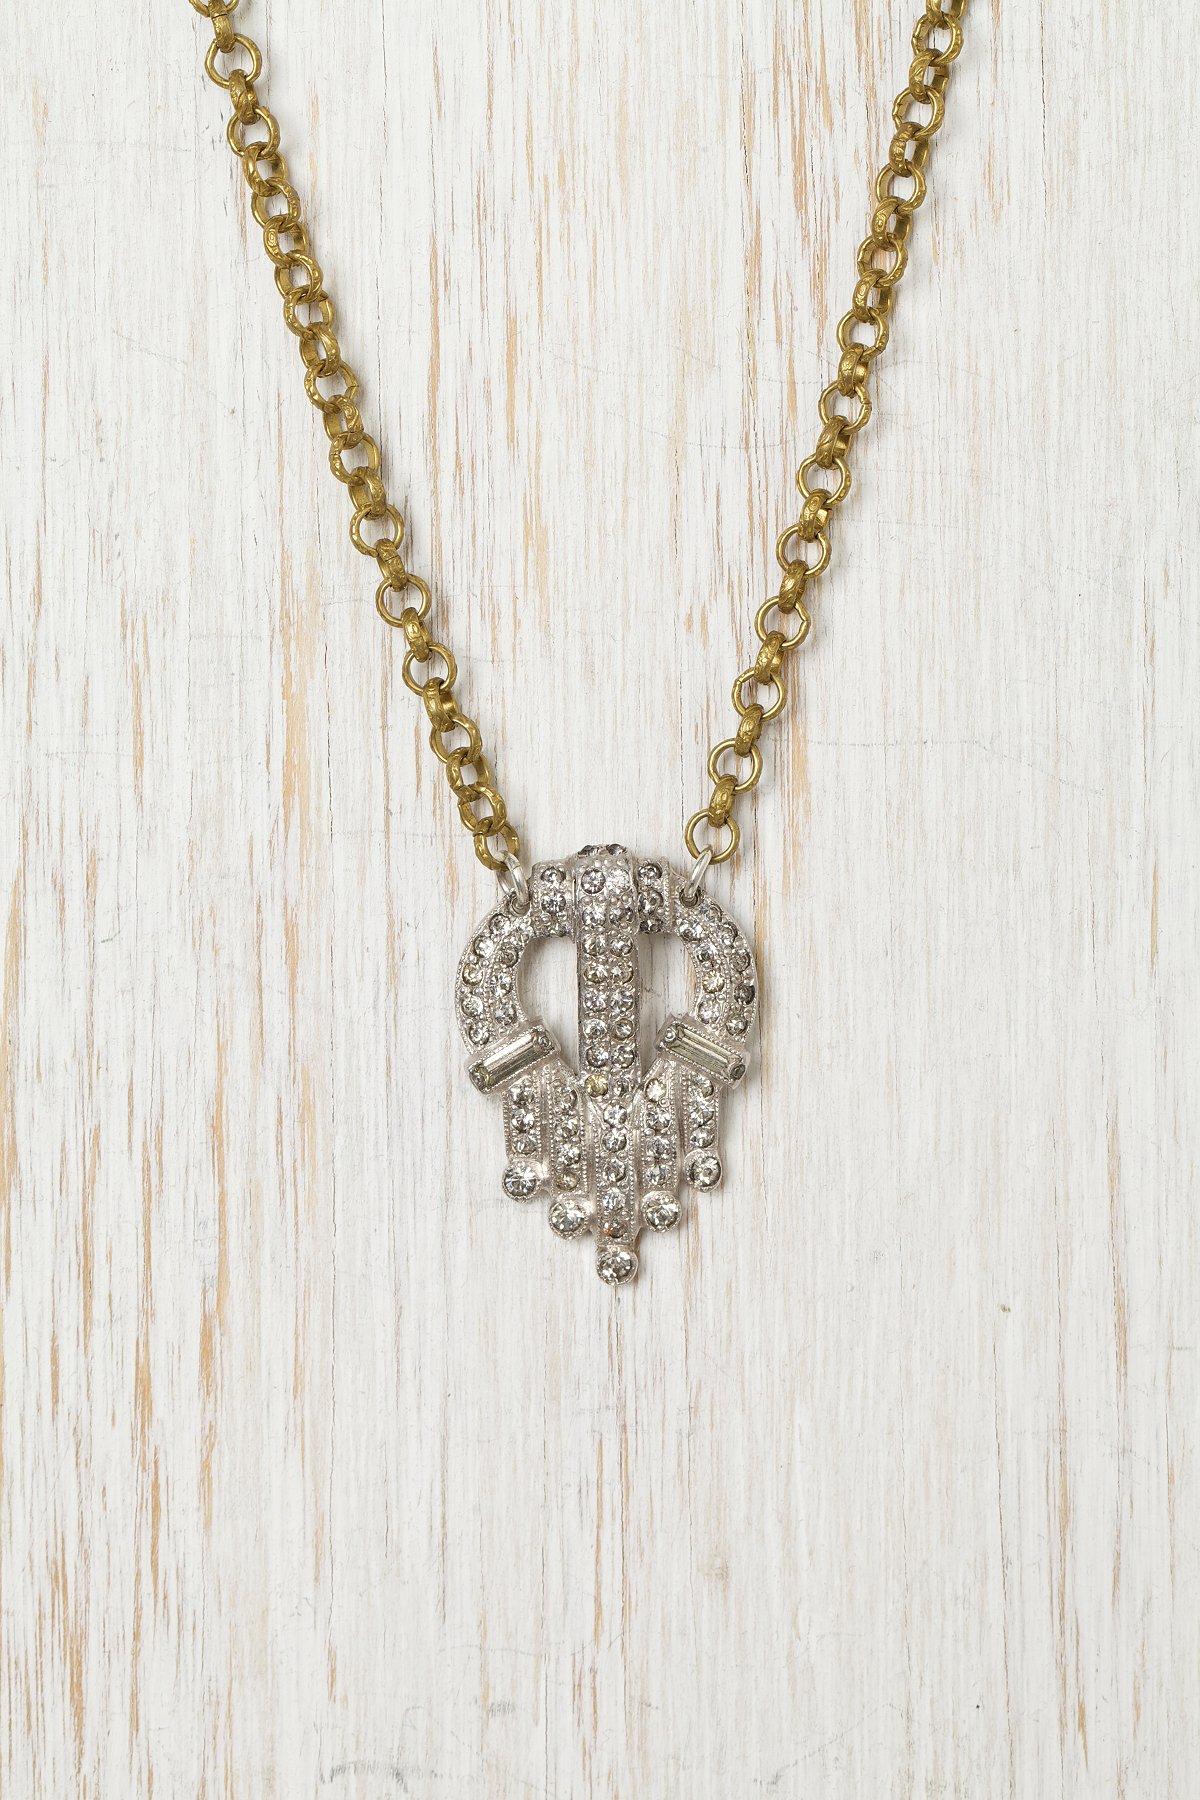 Vintage Crest Necklace